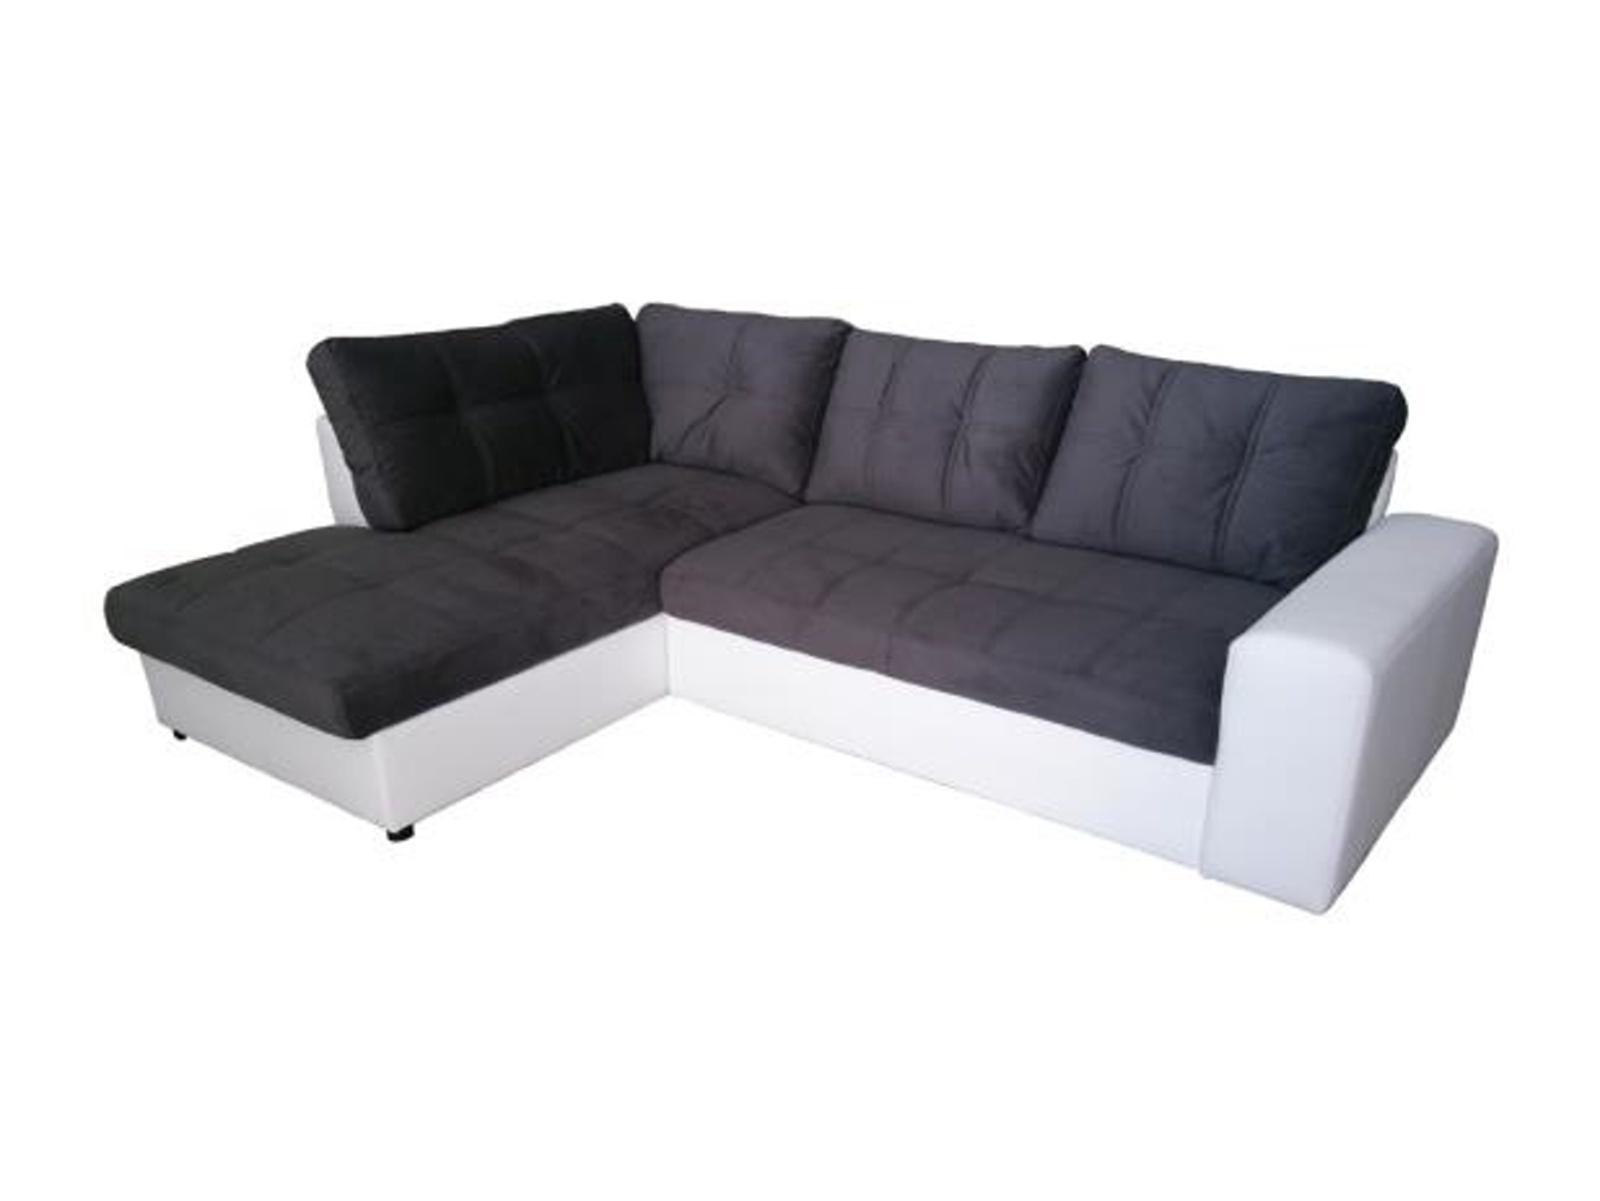 Aspol Rohová sedačka ORLANDO, šedá/bílá, levá